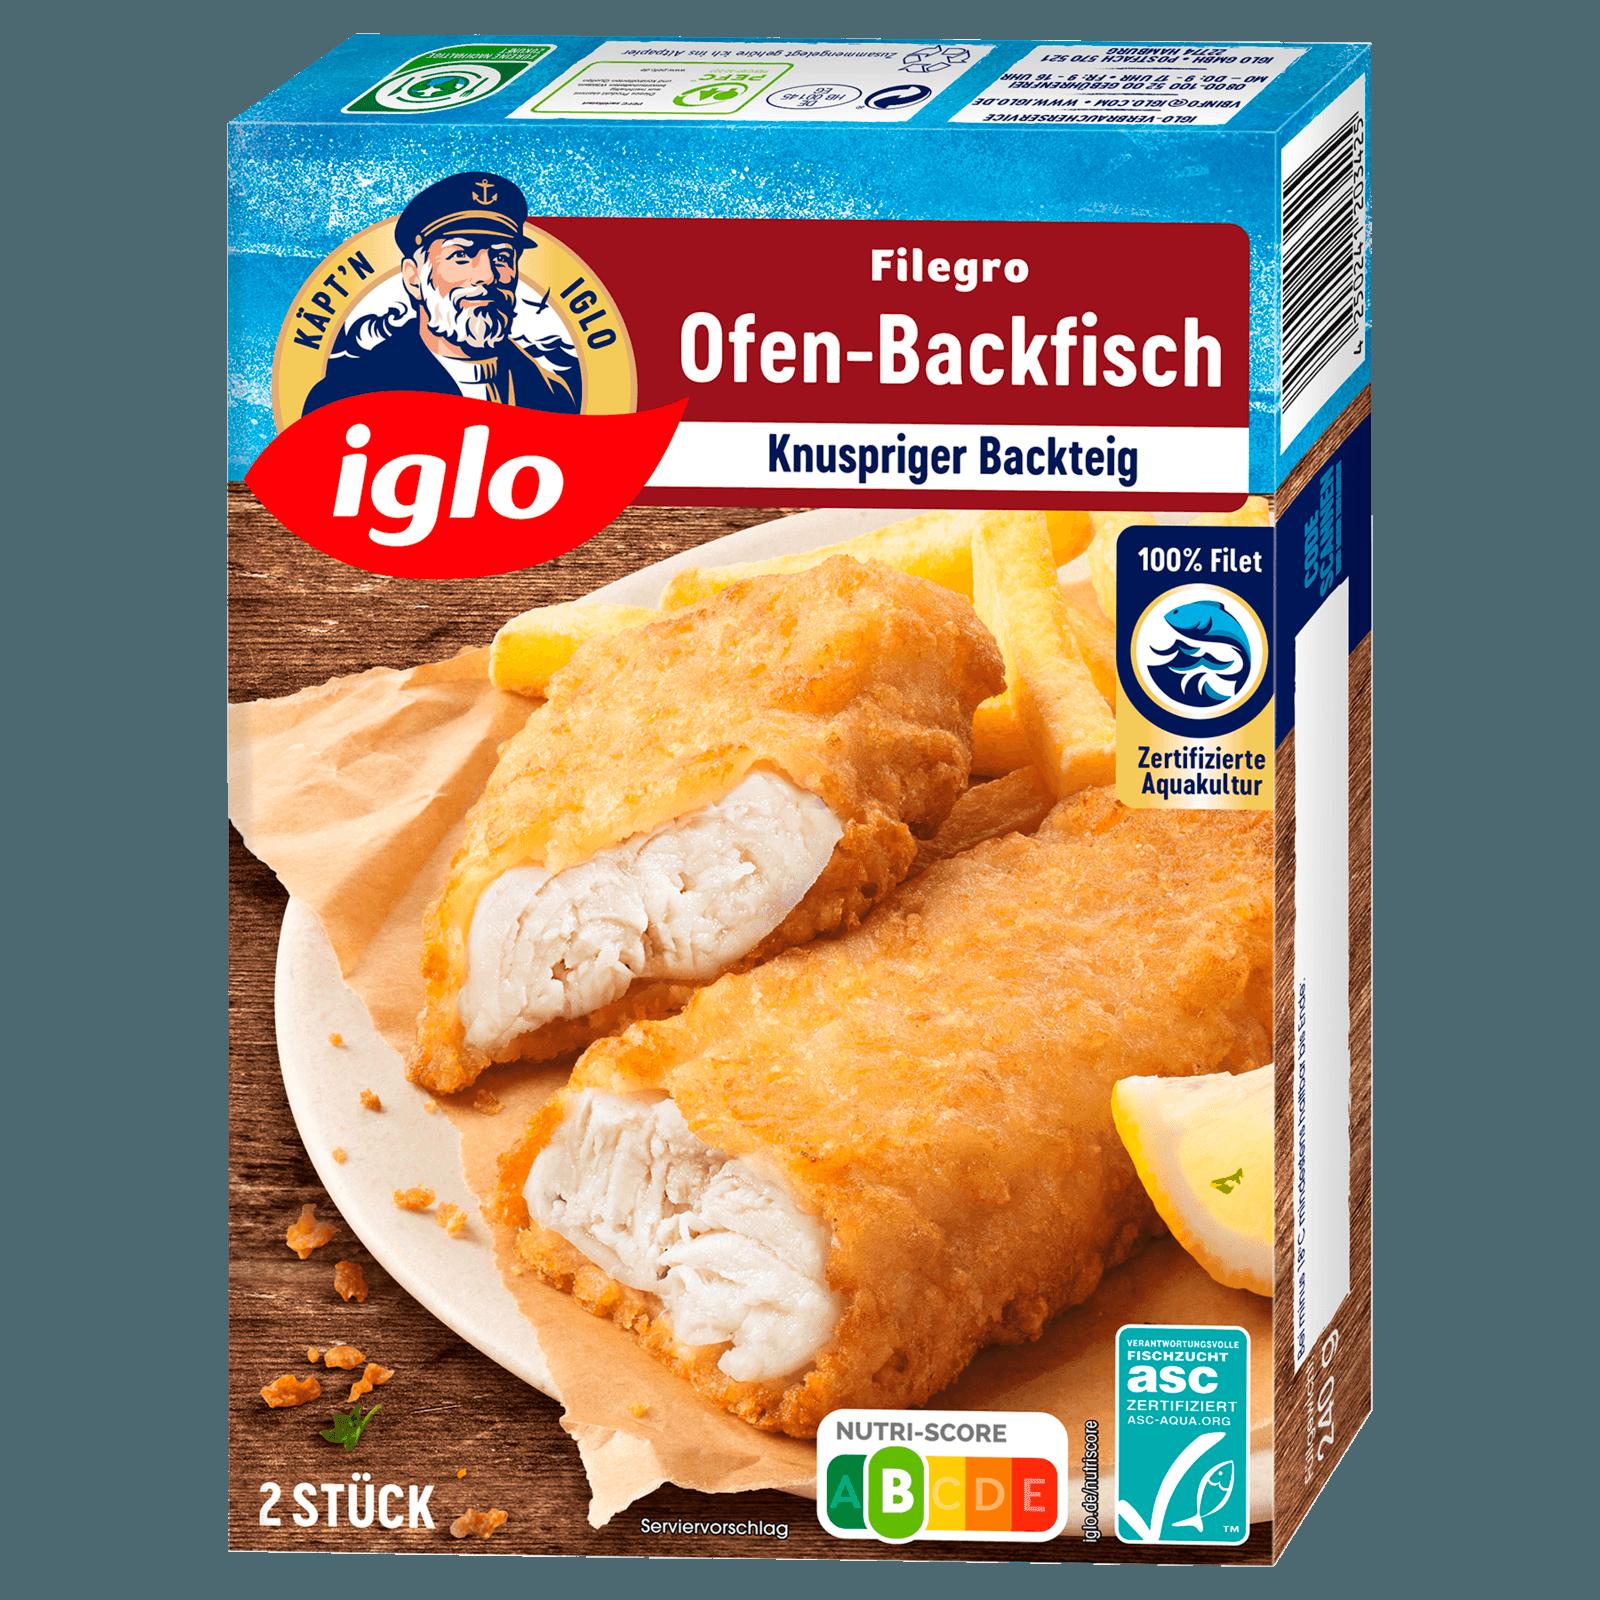 Iglo Filegro traditioneller Ofen-Backfisch 240g